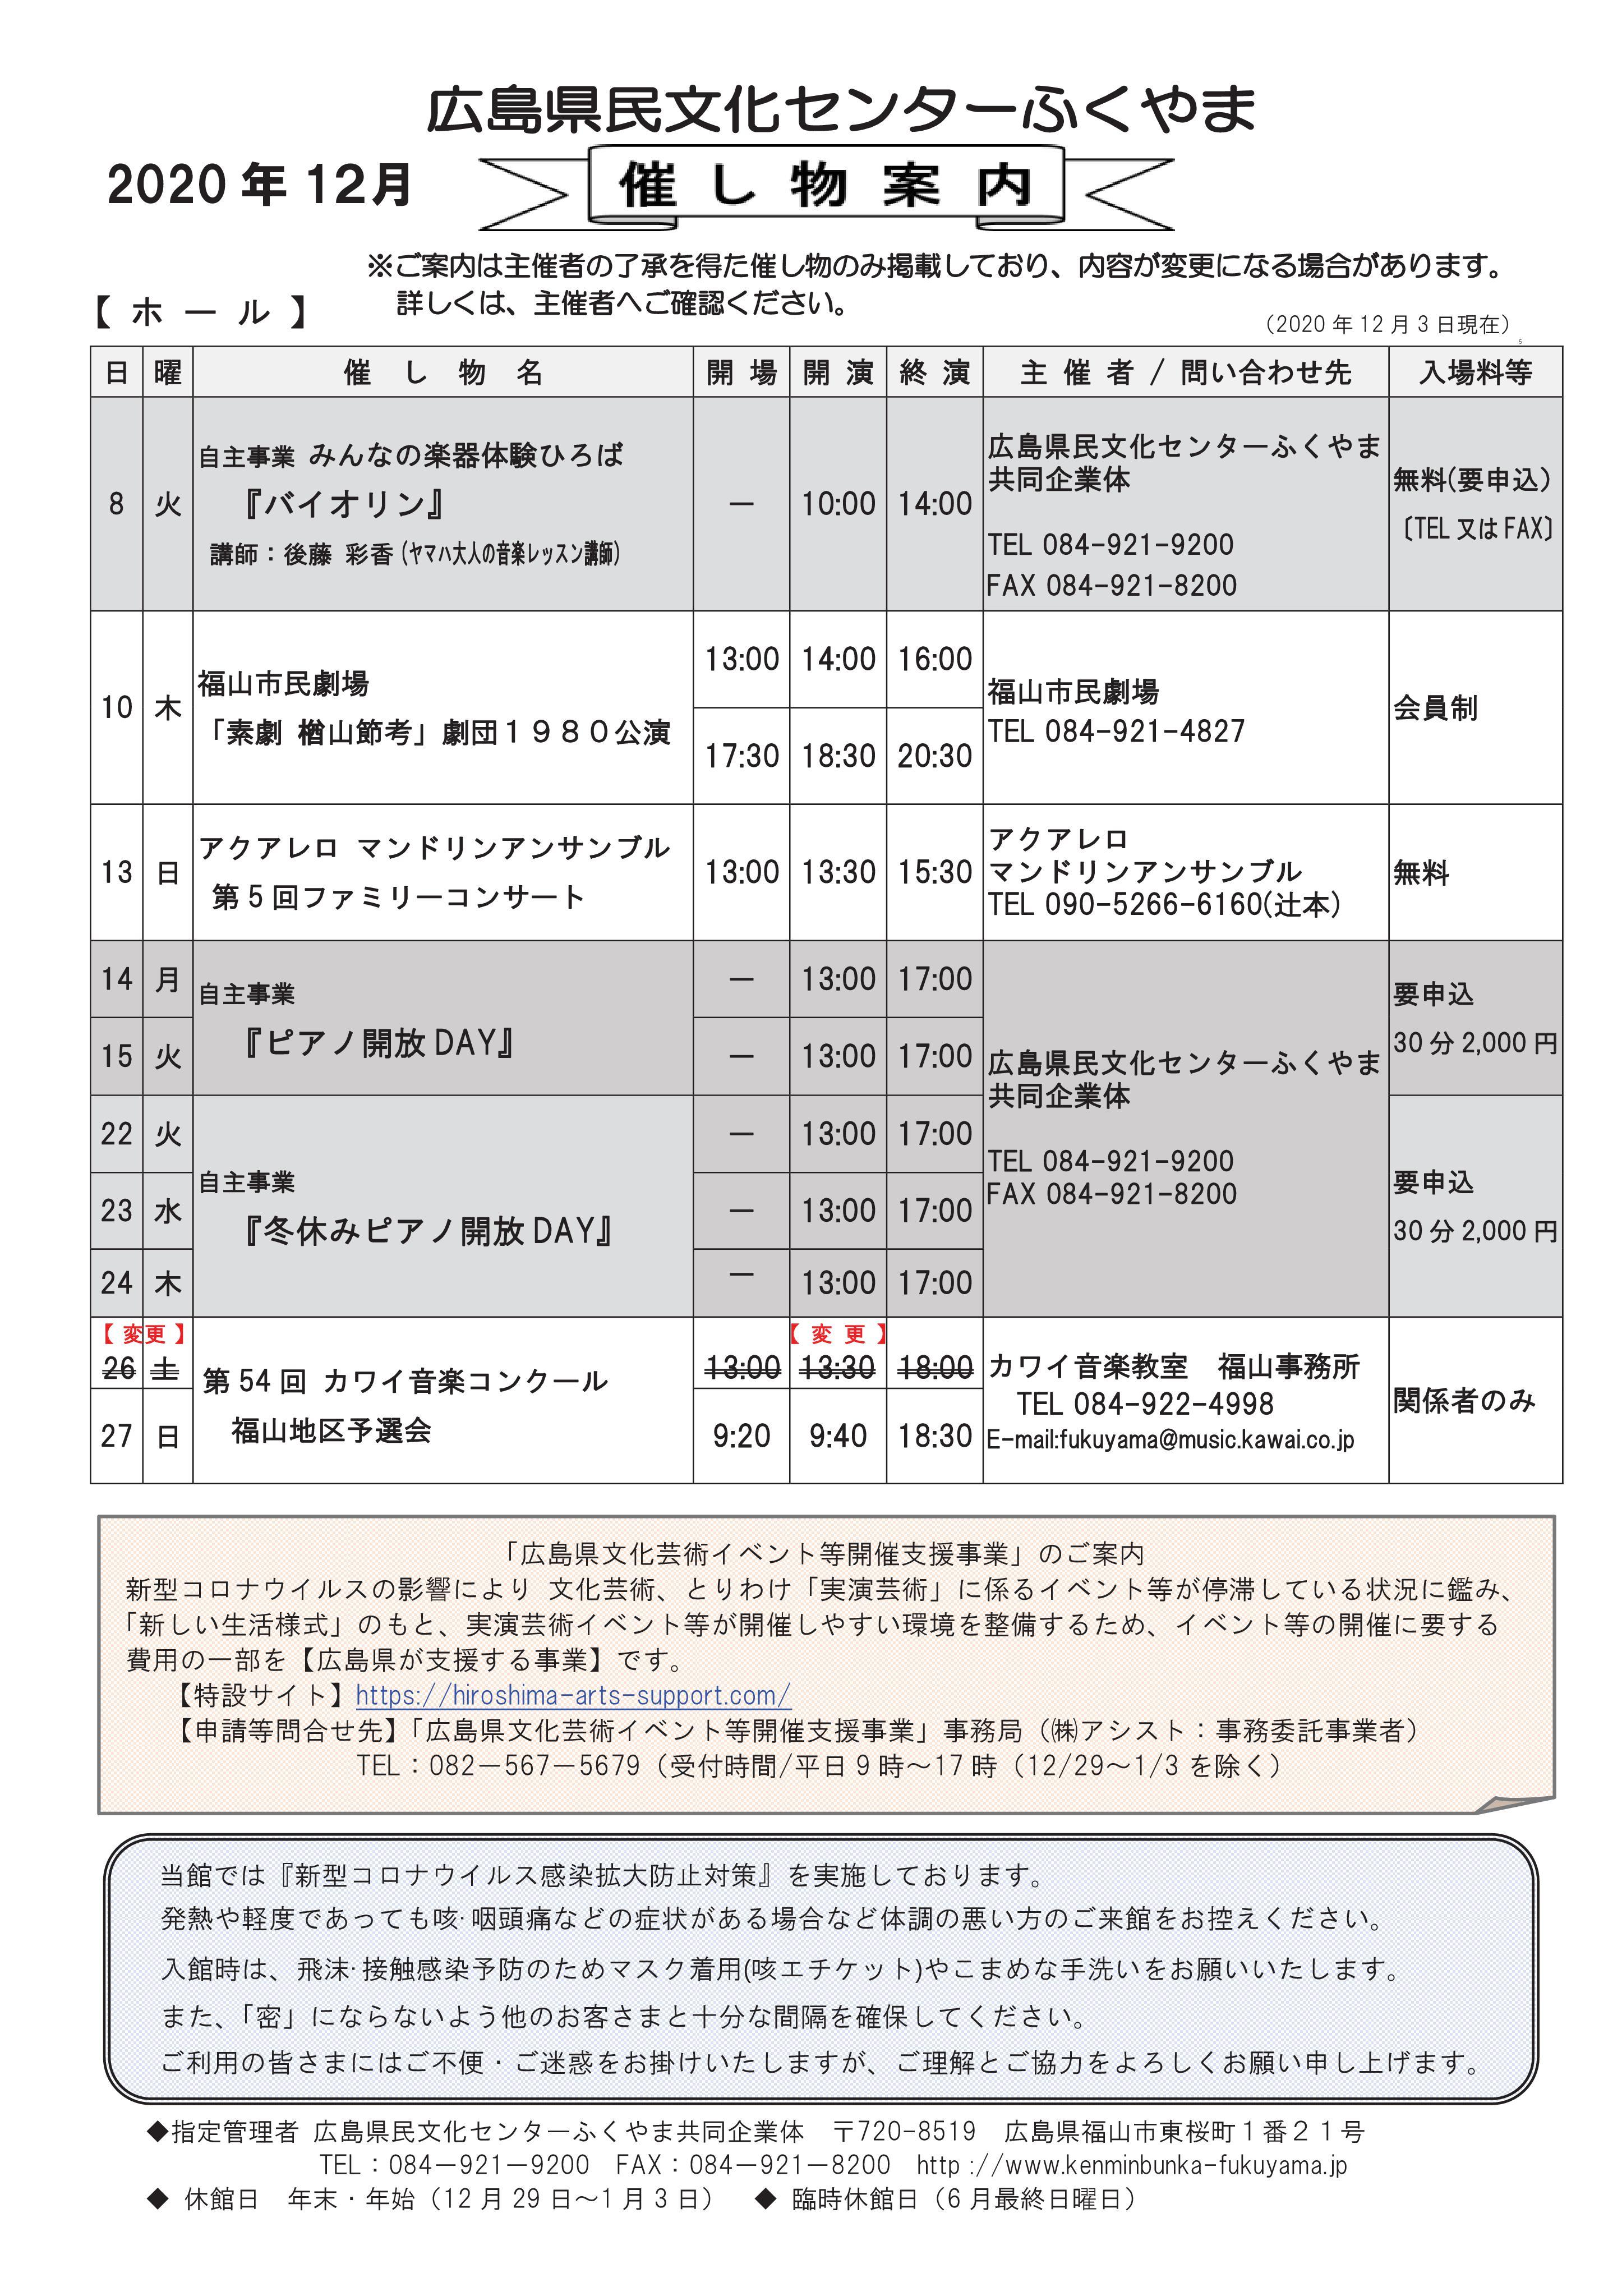 催し物案内12月(12.3)